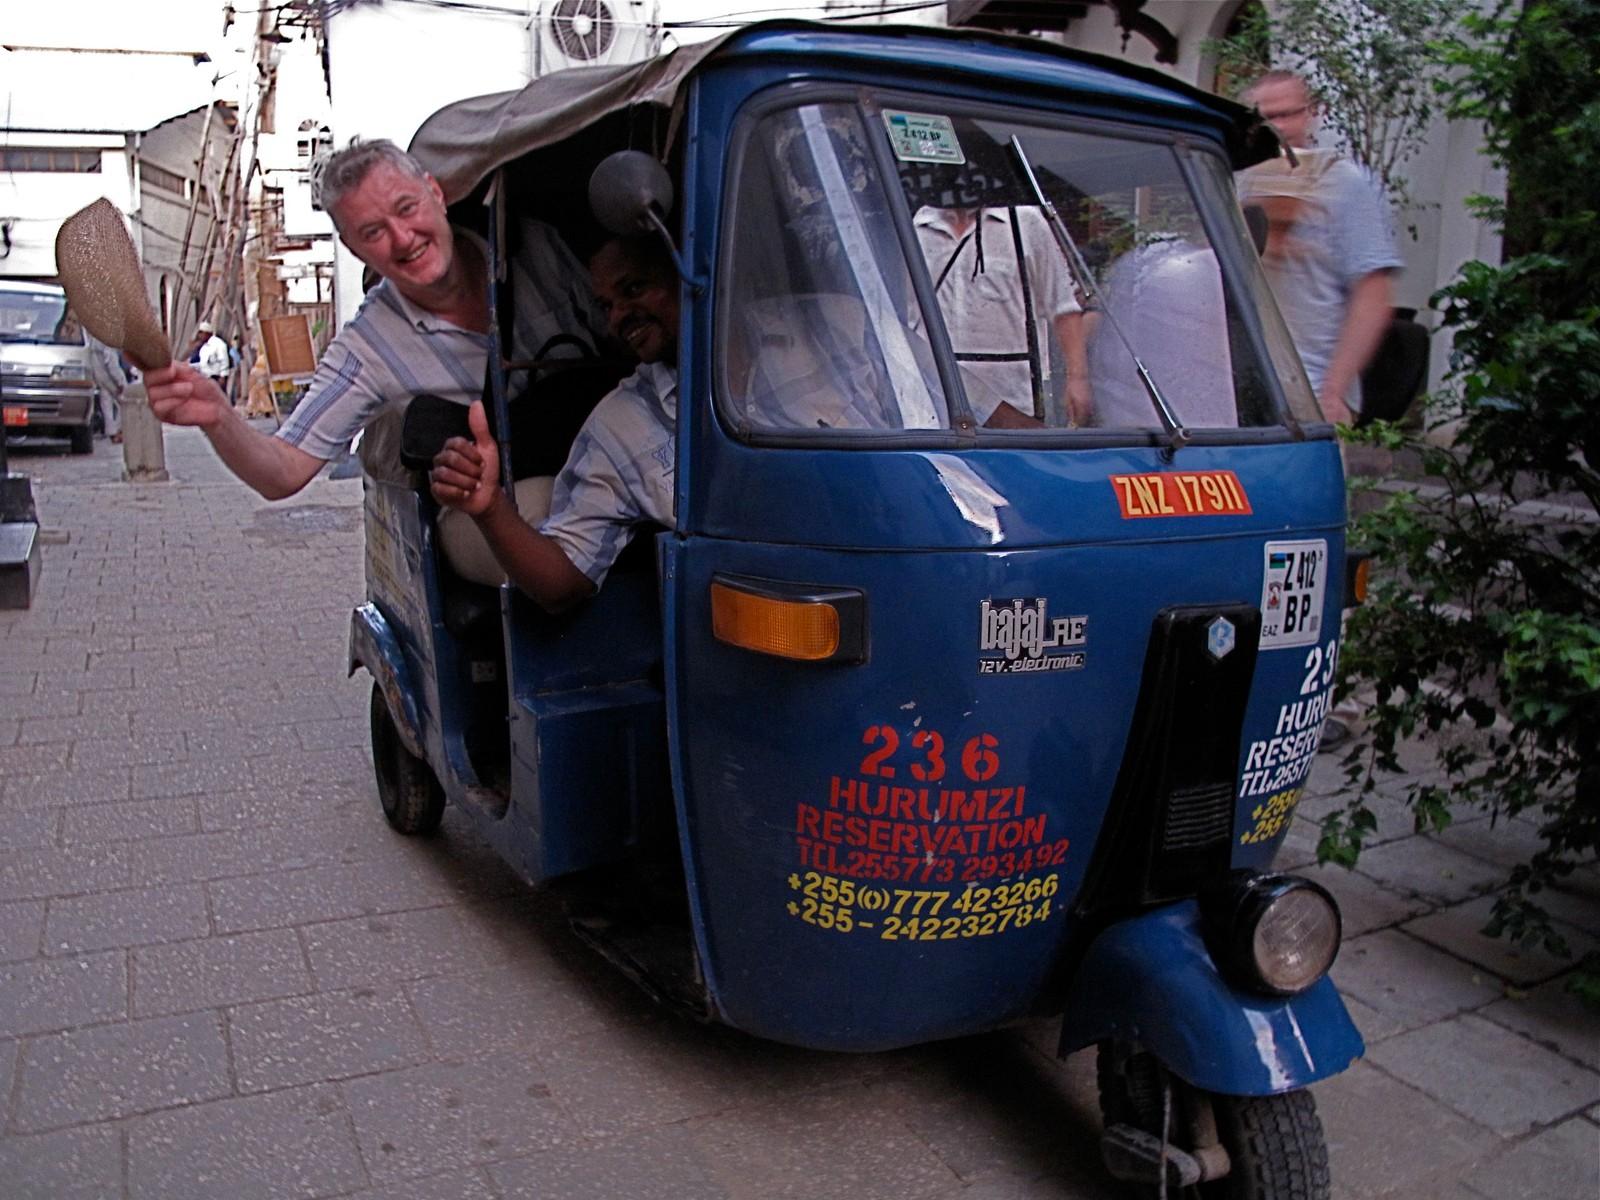 Men hvor finner jeg en taxi? På Zanzibar.